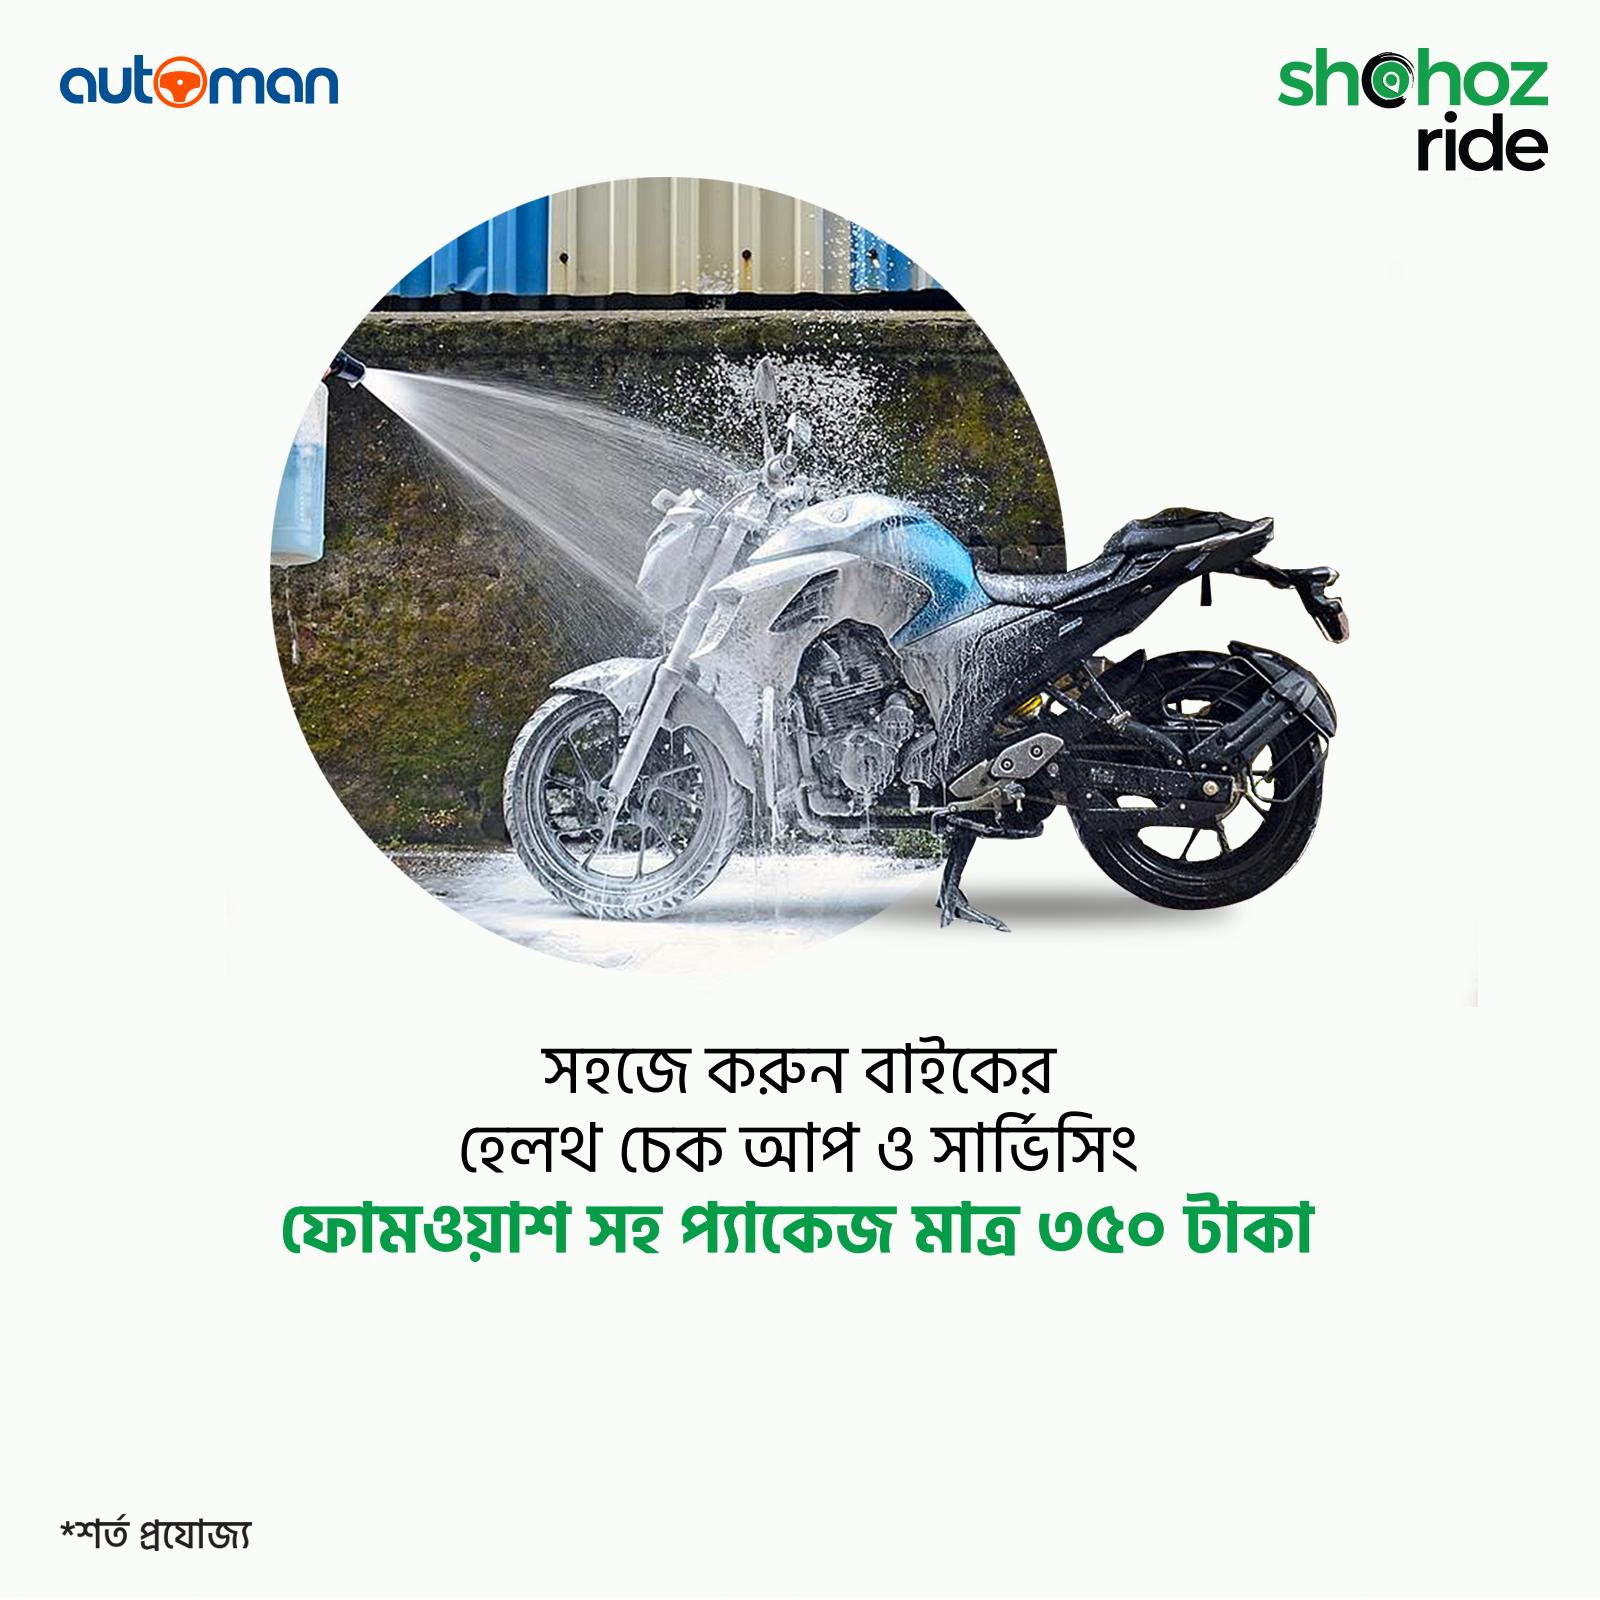 Shohoz bike service